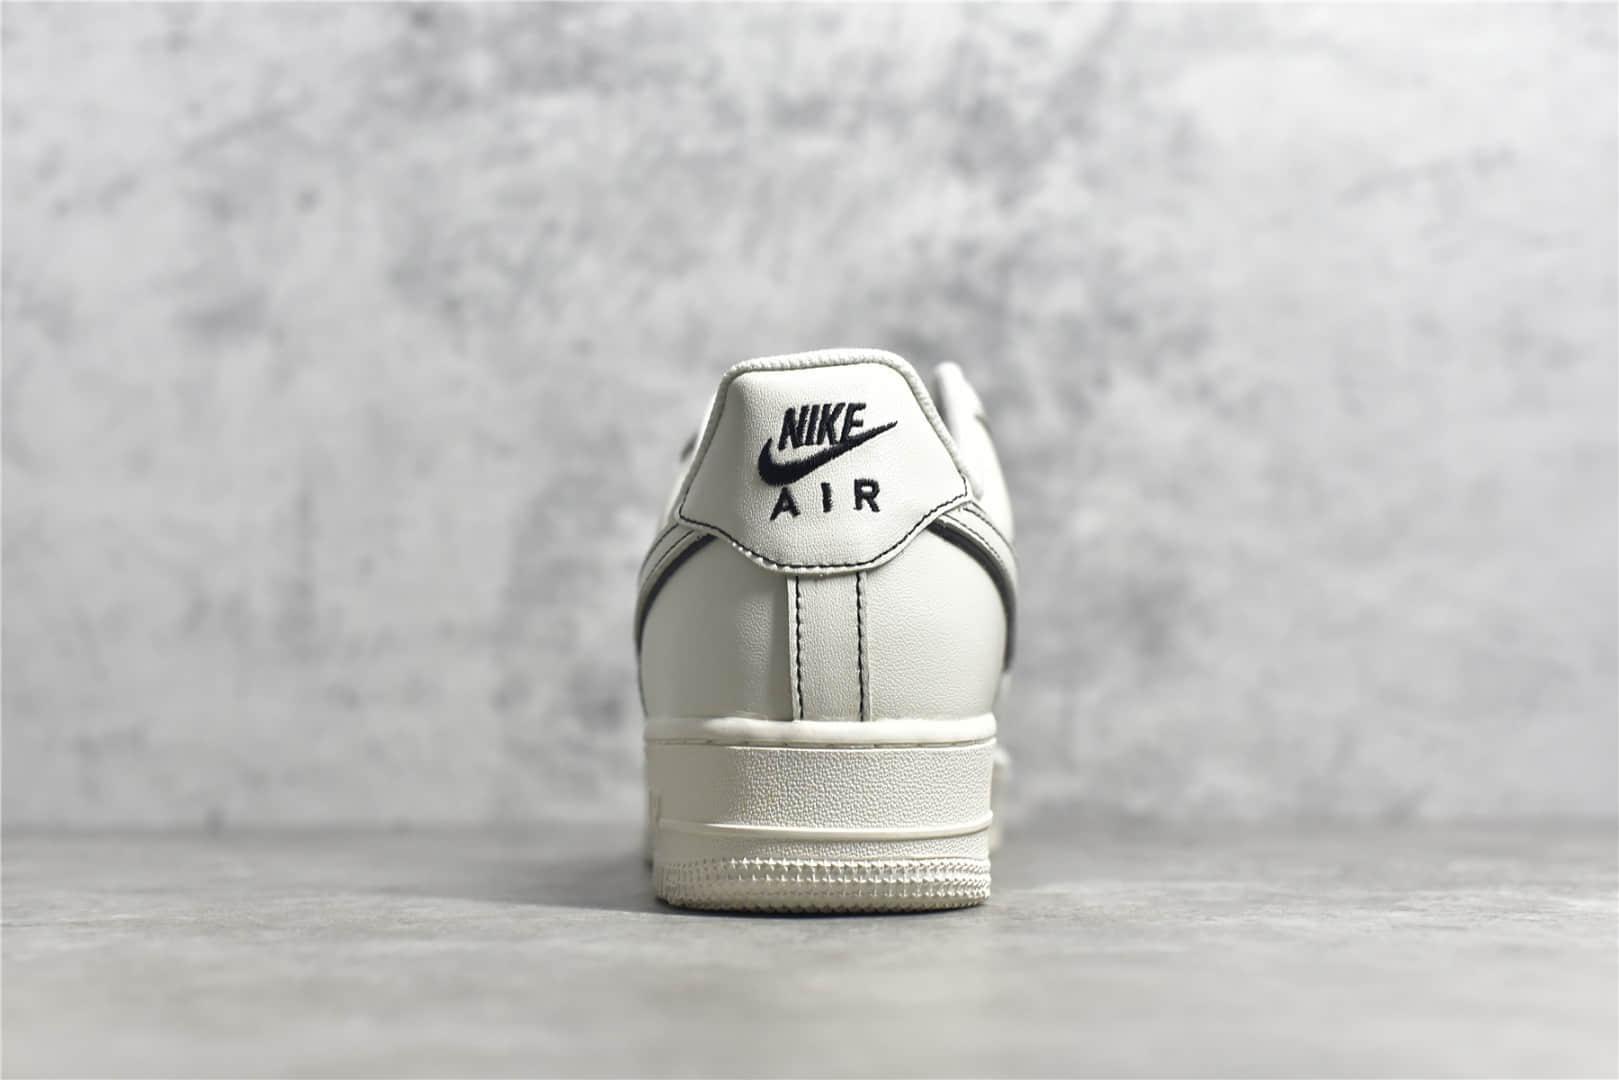 耐克空军手稿黑素面低帮Nike Air Force 1`07 Low CJ纯原版本莆田空军复刻顶级版本 货号:315122-808-潮流者之家